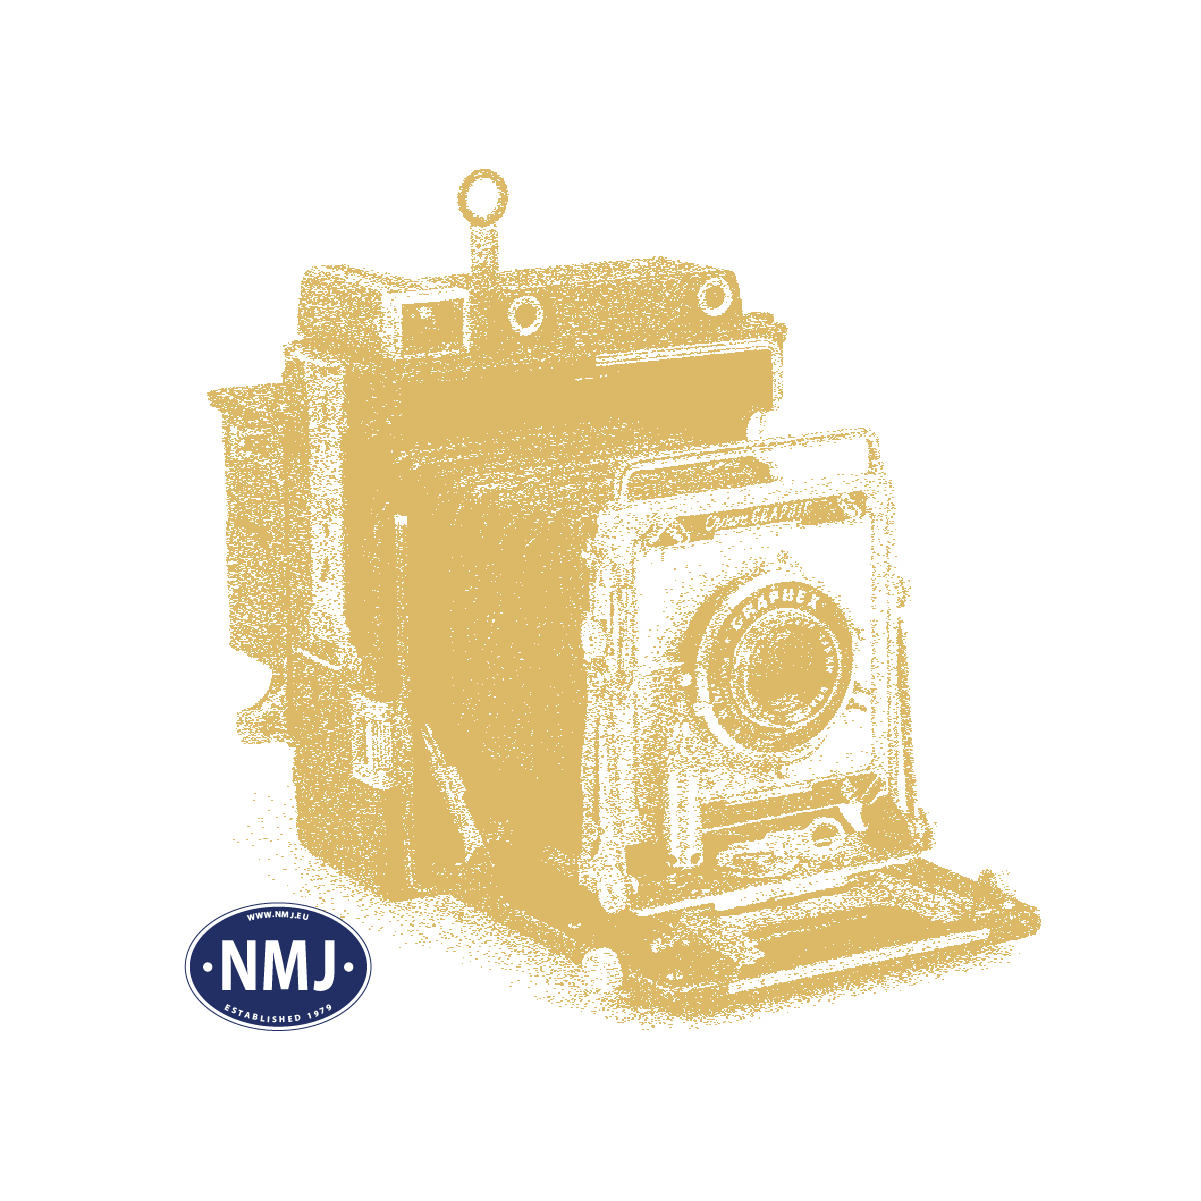 NOC14850 - Maskiner og utstyr for verksted